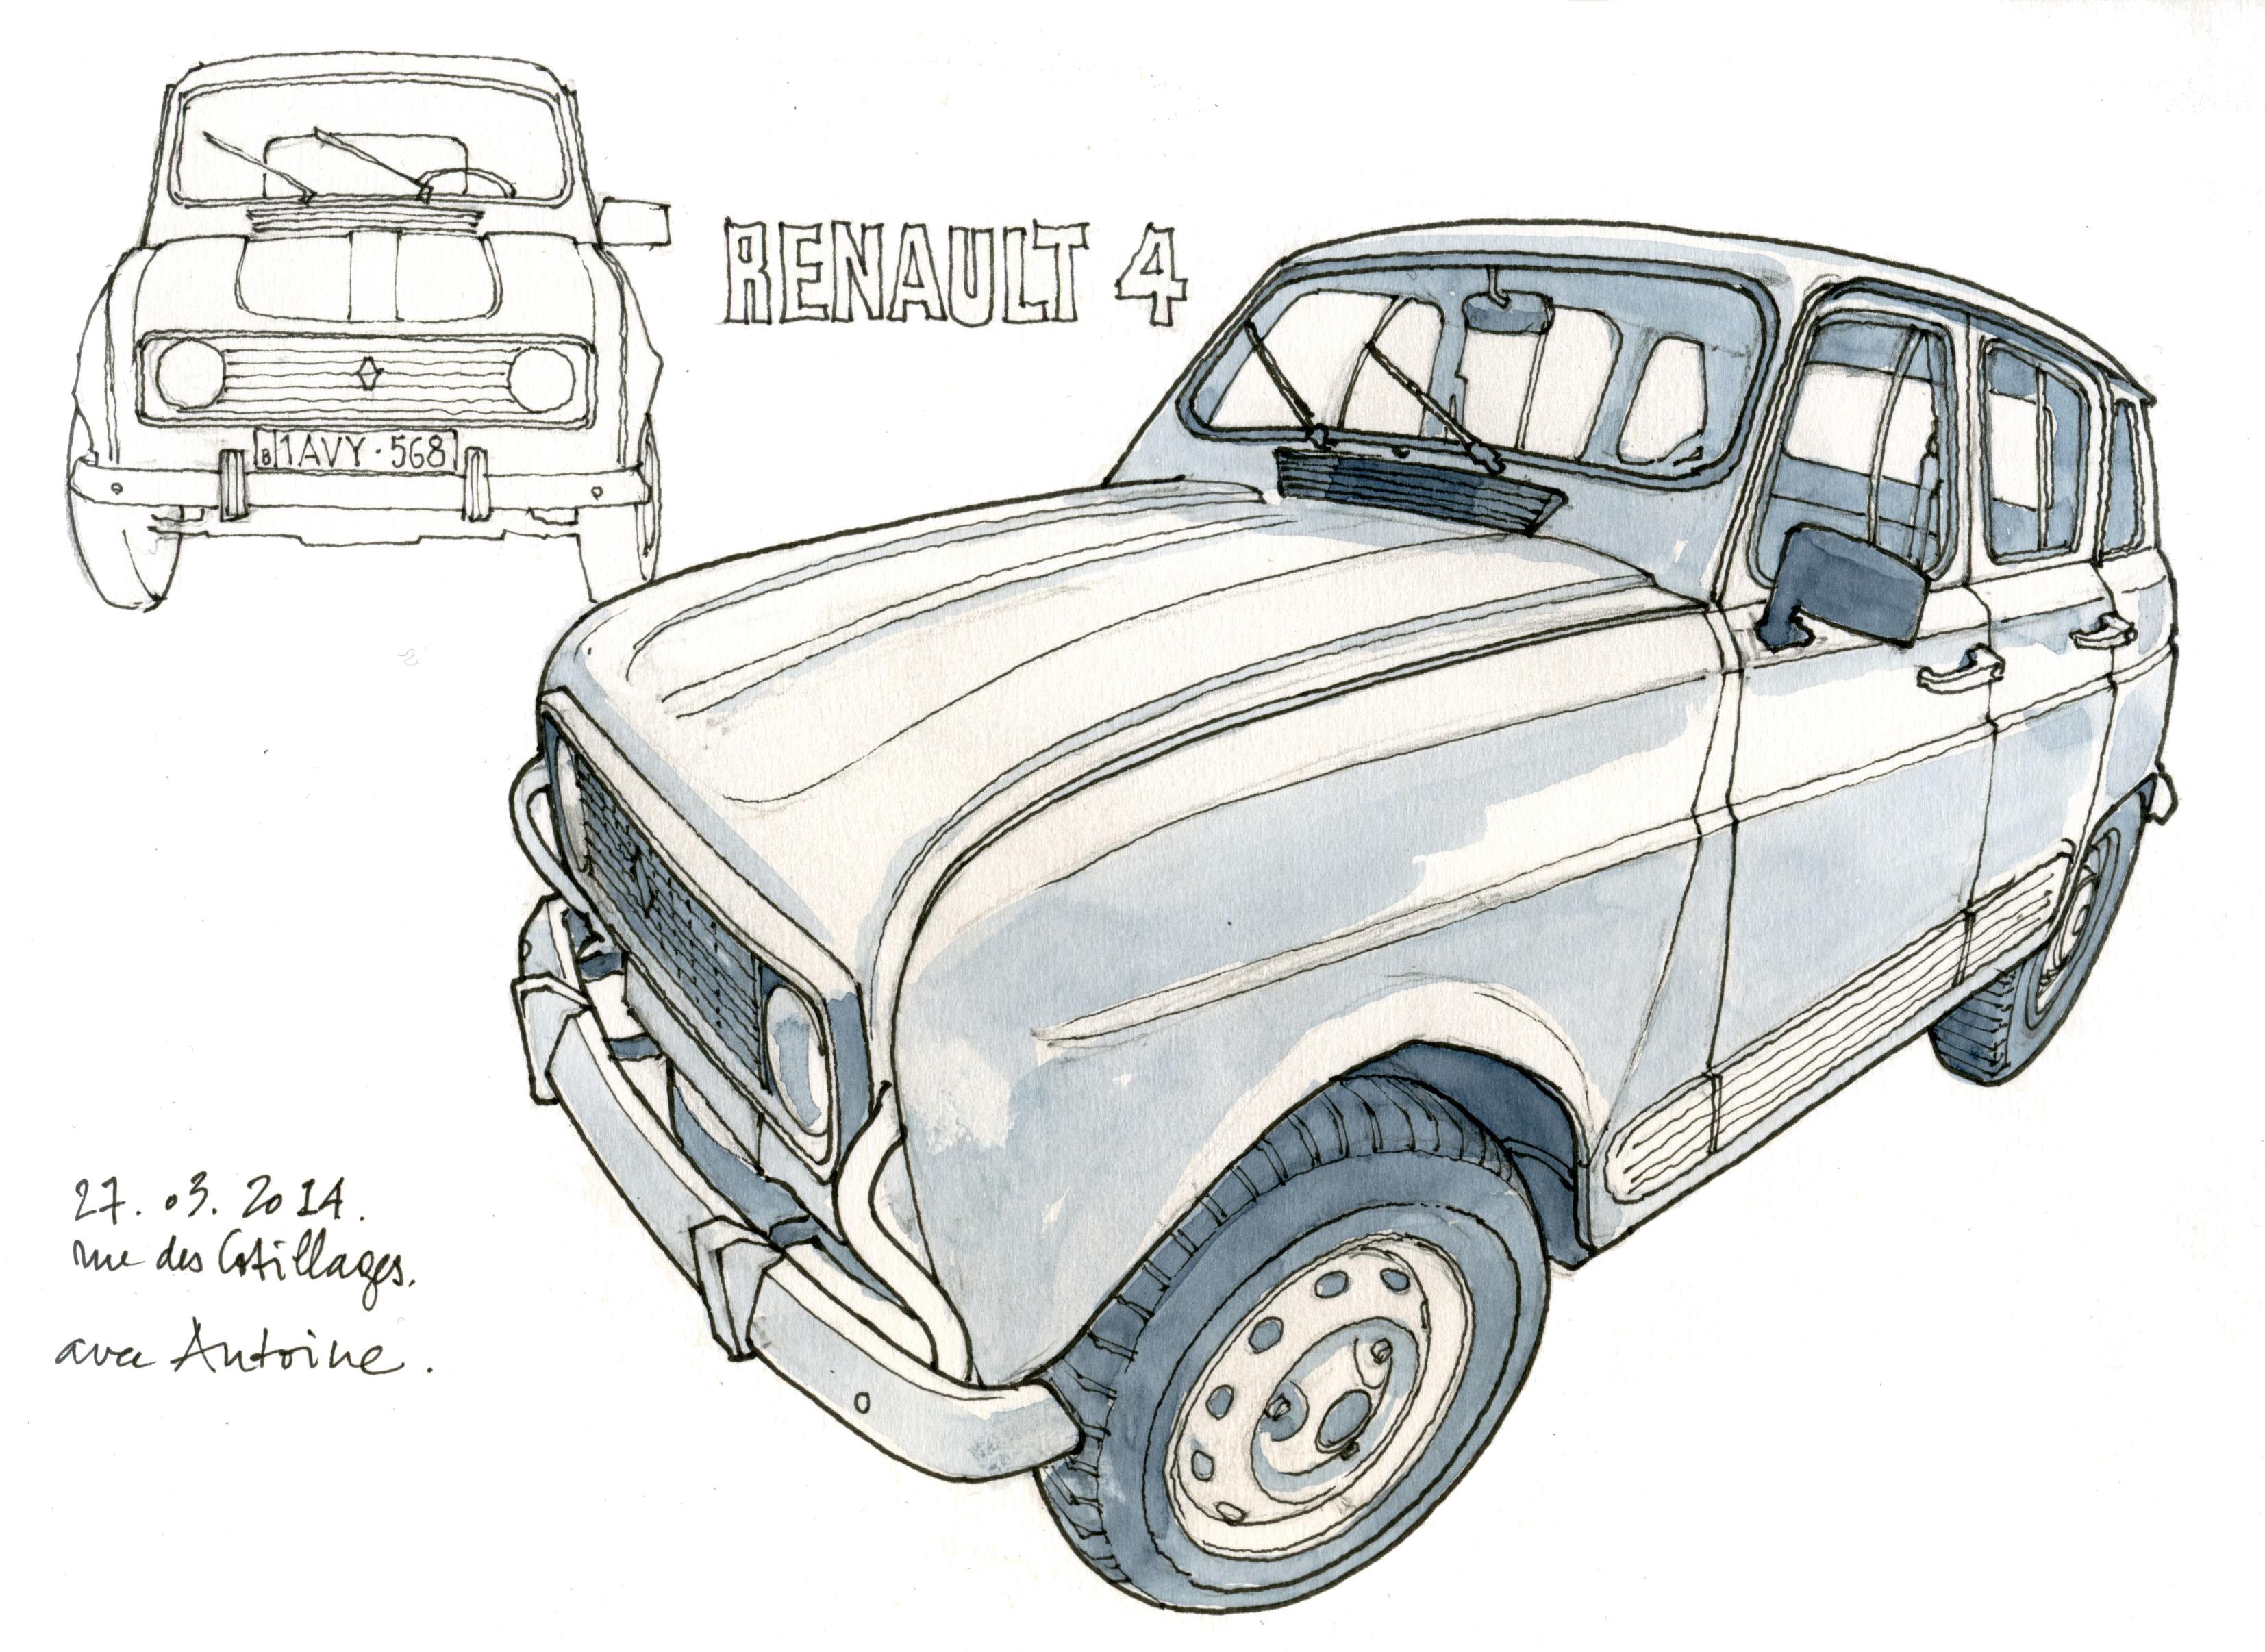 Fond D Ecran Vehicule A Moteur Design Automobile Noir Et Blanc